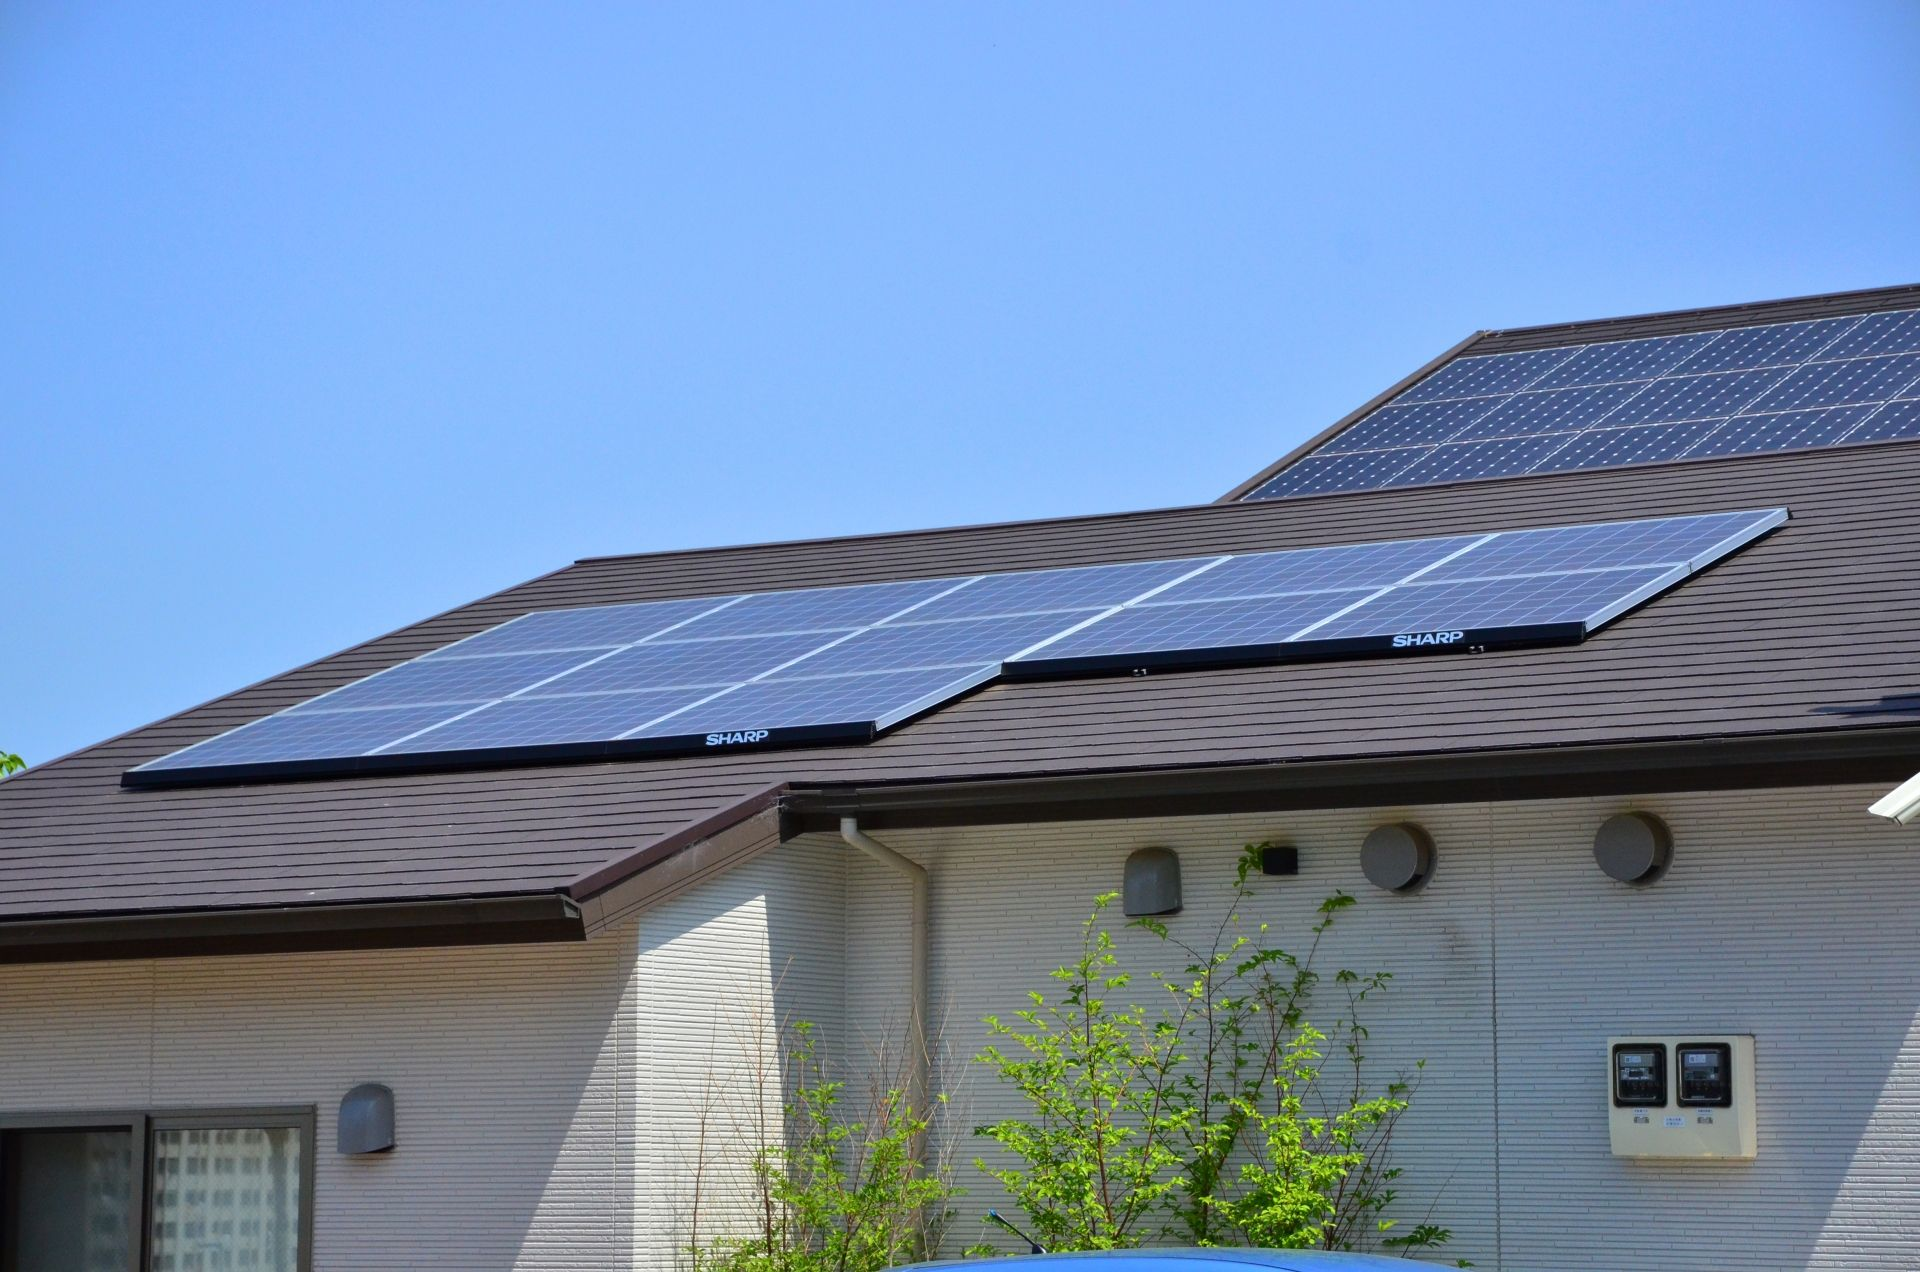 「太陽光発電」とは何か?|誰でもわかるリノベ用語集